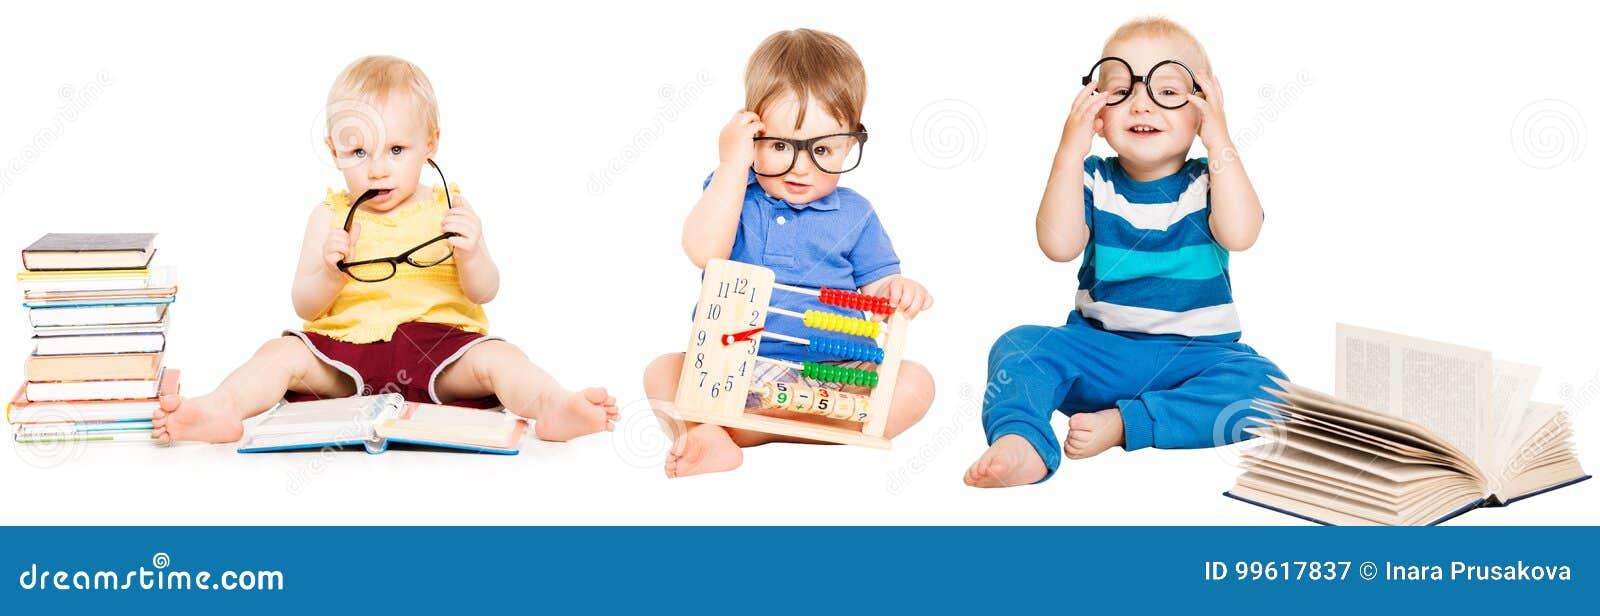 Livro de leitura do bebê, educação adiantada das crianças, grupo esperto das crianças